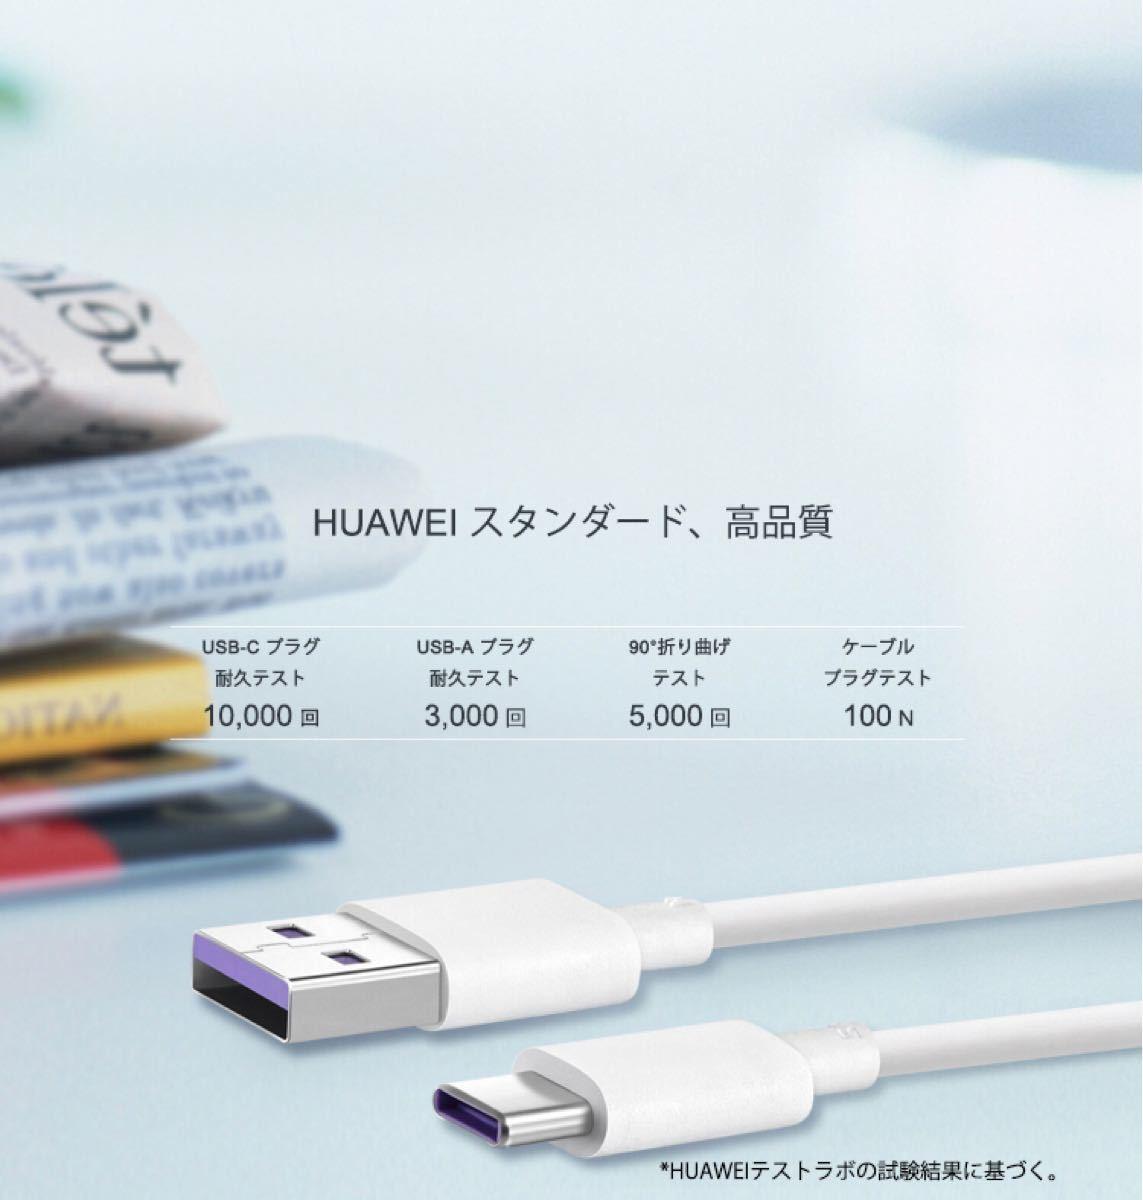 HUAWEI HONOR 栄耀 Type-C ケーブル 5A急速充電&データ転送